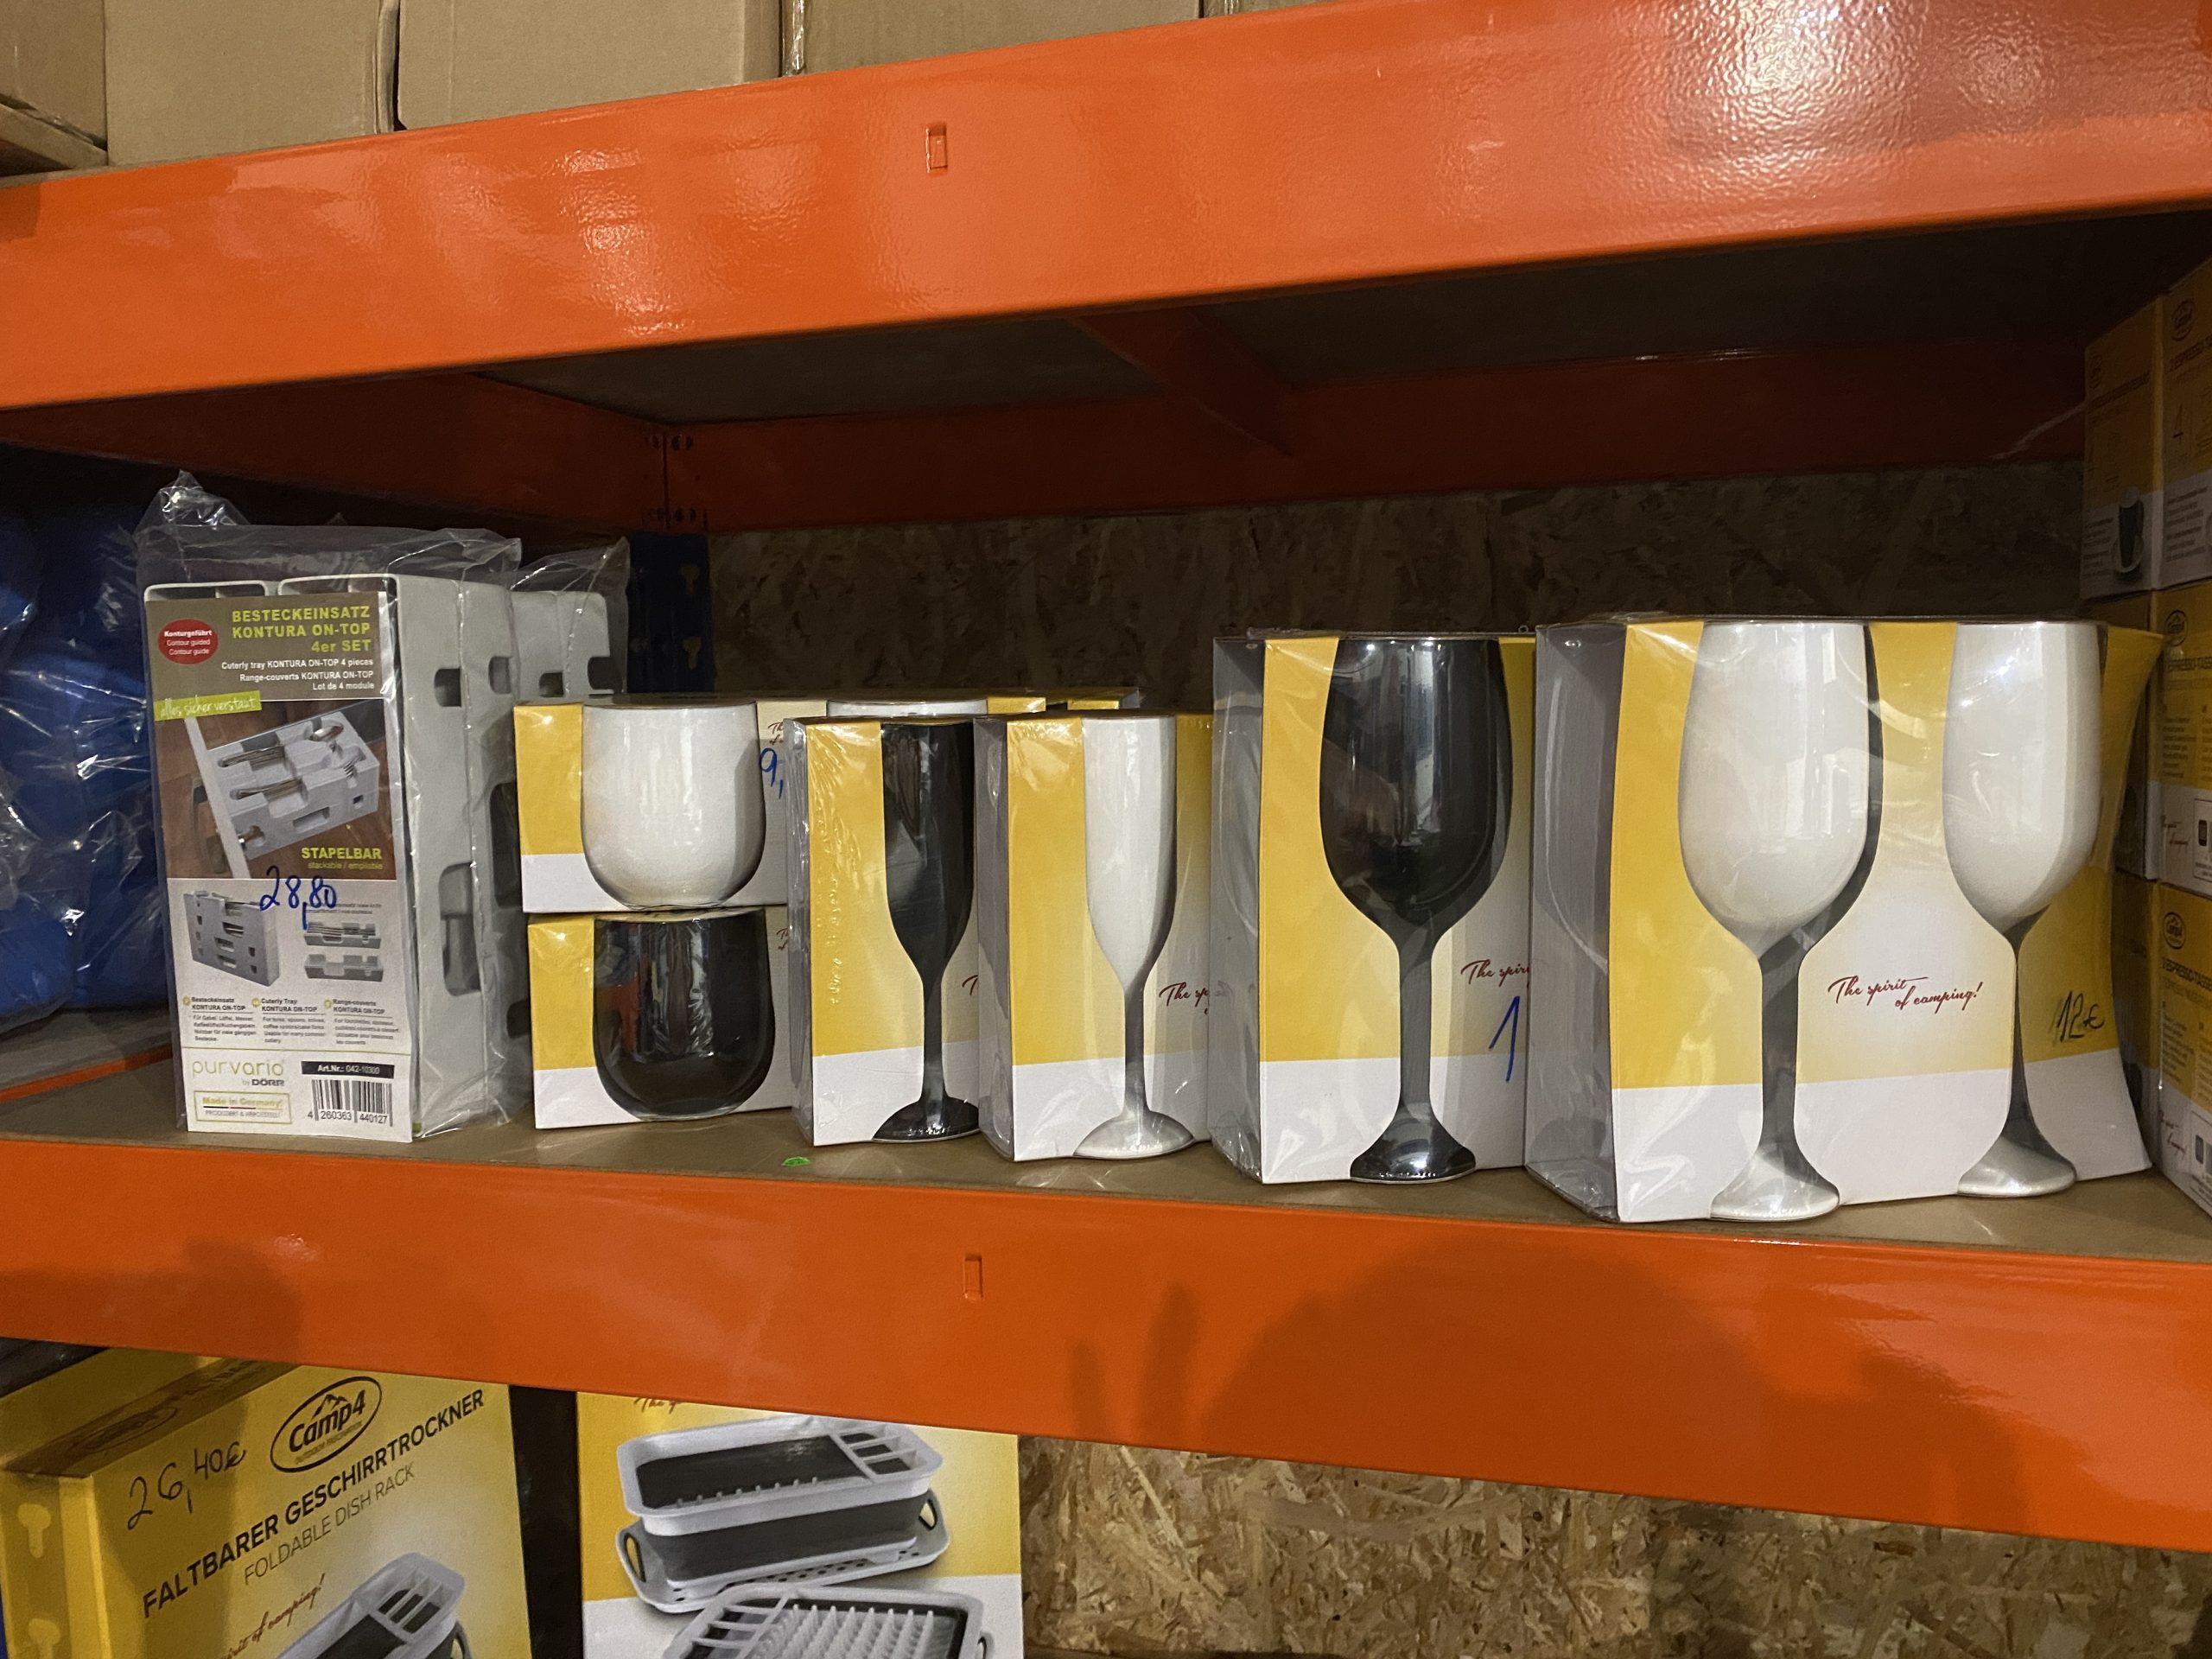 Umelohmotné poháre biela/čierna Image